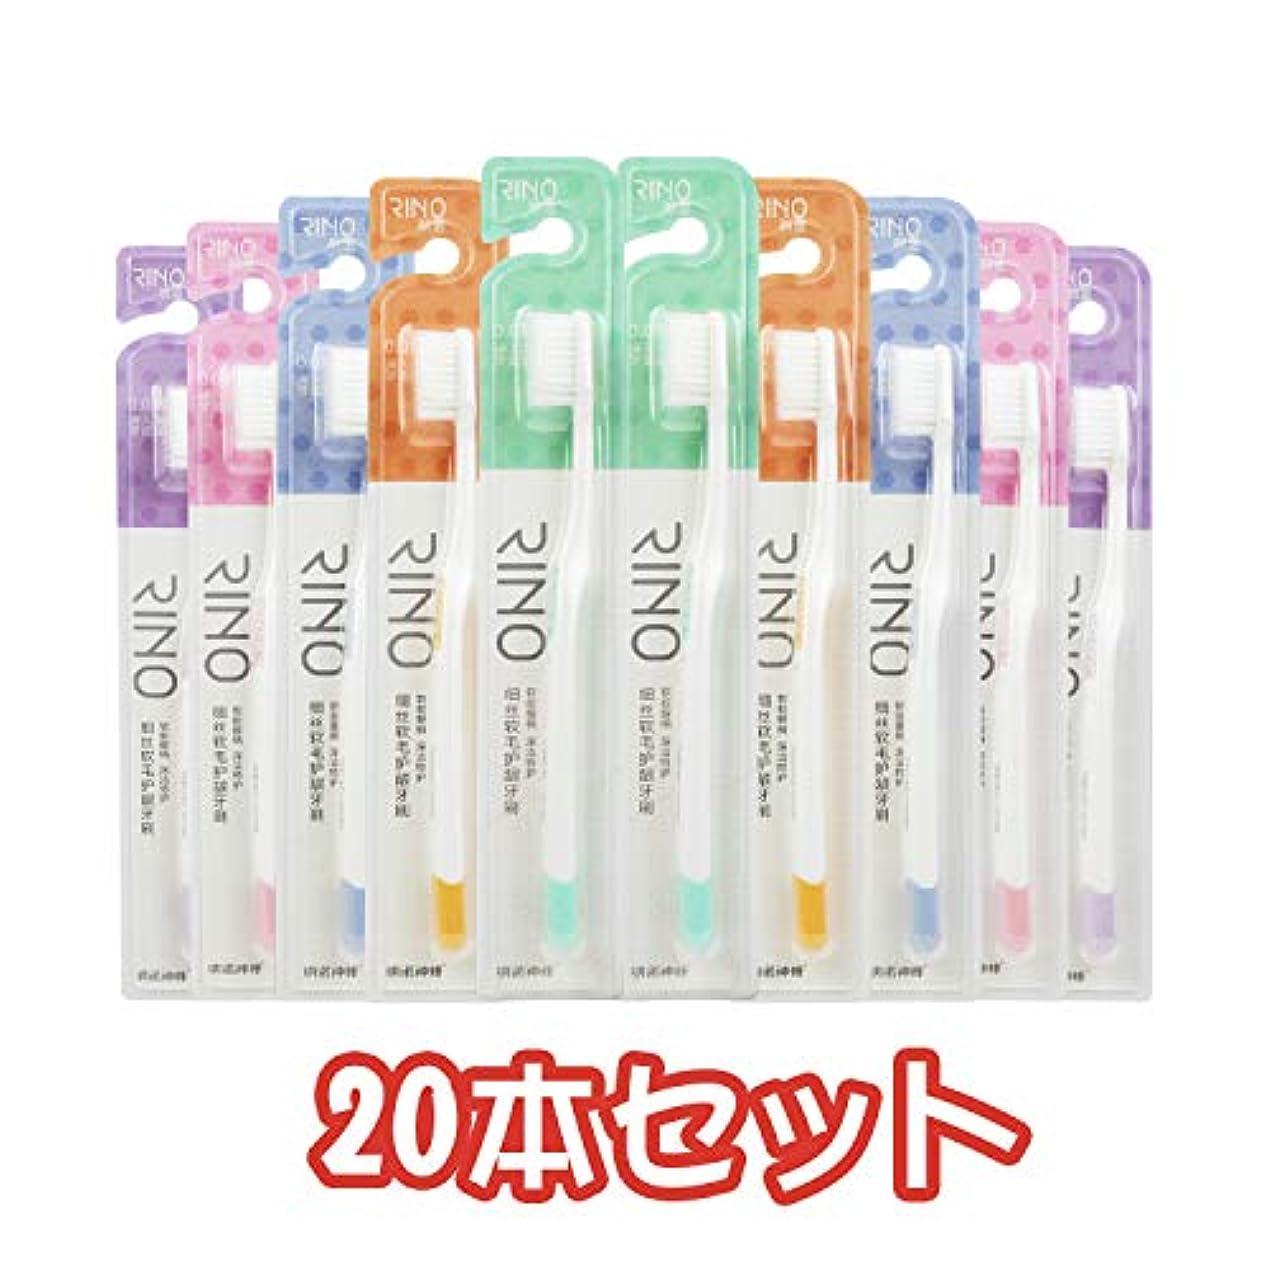 金銭的アルコーブ収縮Nano 20本セット やわらかい 歯ブラシ 大人用 耐久性 旅行用 子供 卸売価格 安い歯ブラシ